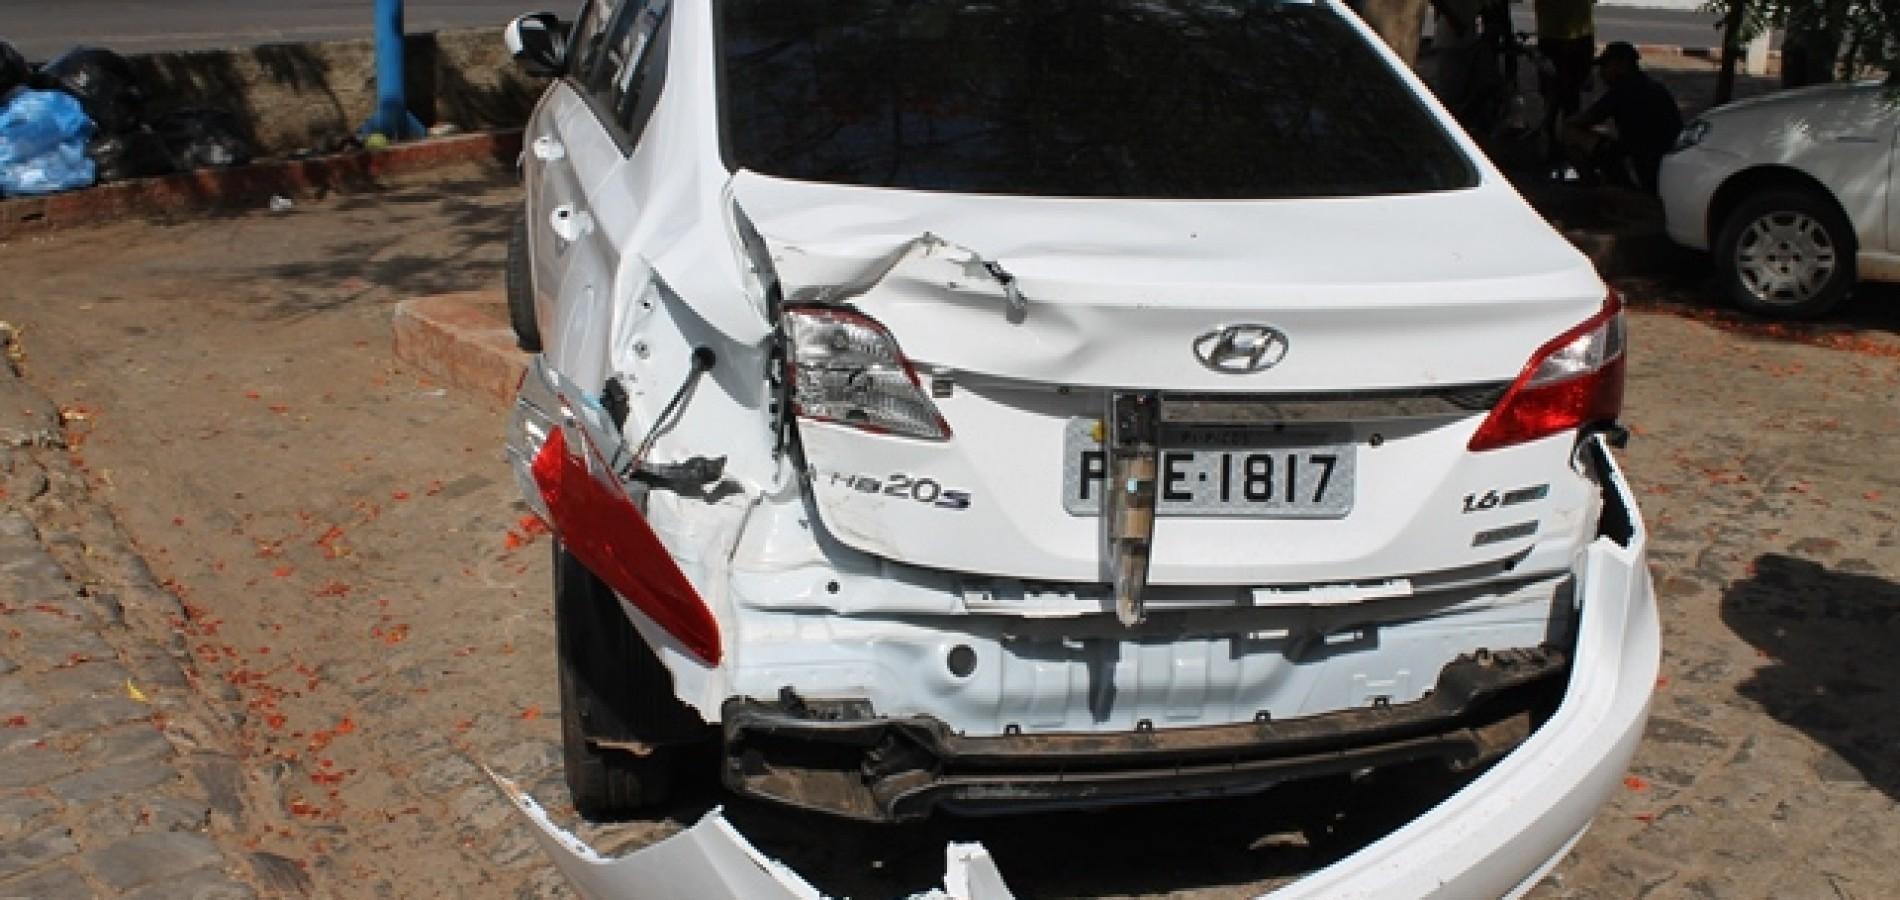 PICOS | Carro forte destrói traseira de carro em estacionamento; veja fotos